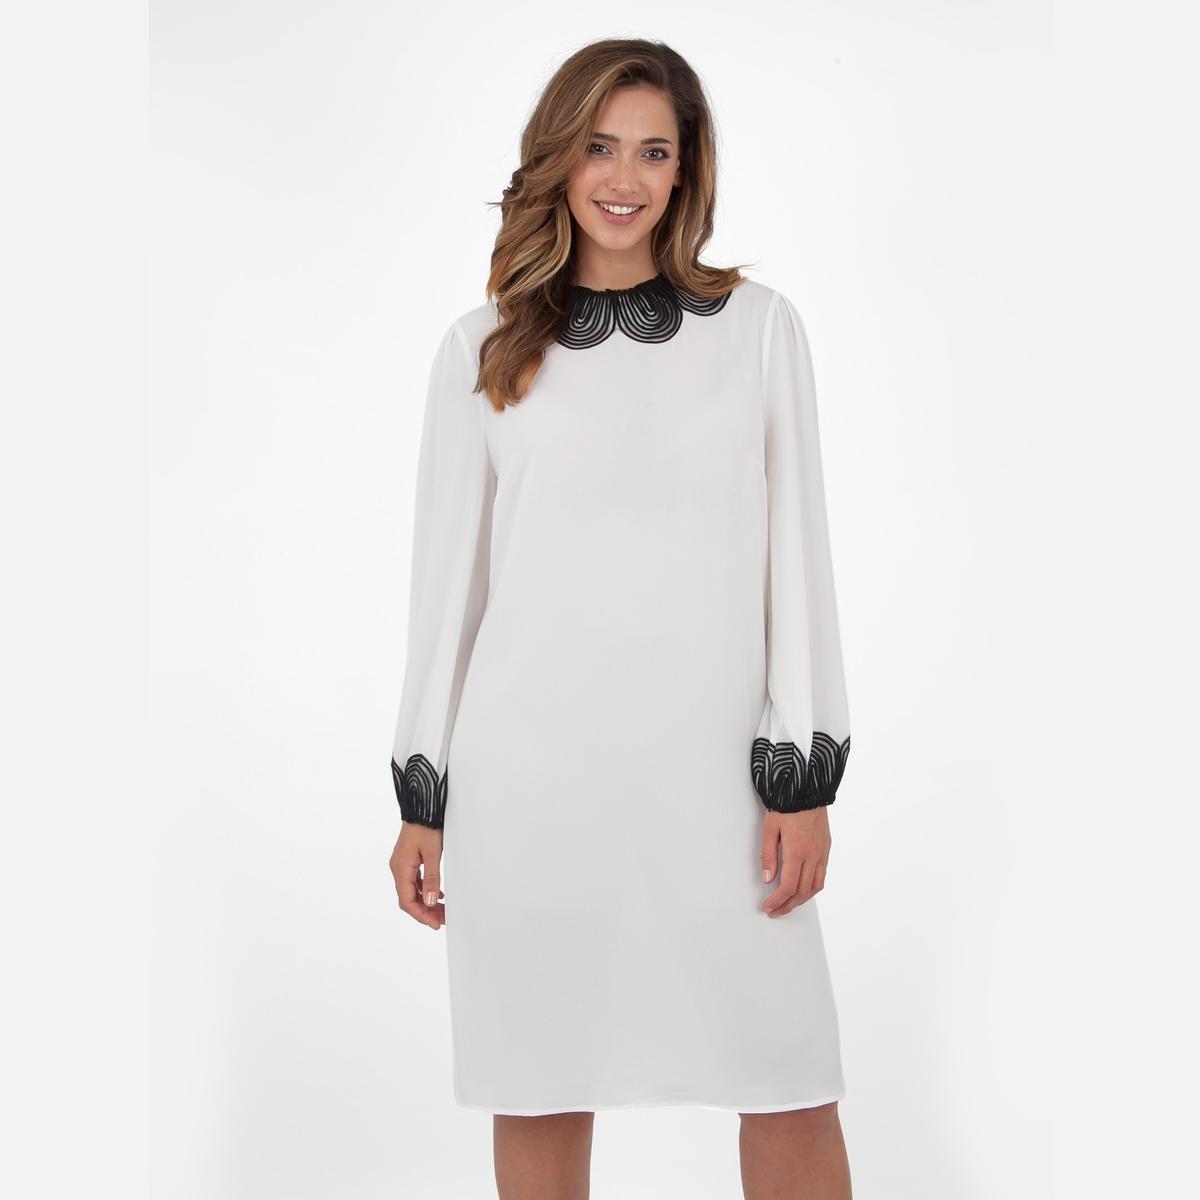 ПлатьеПлатье с длинными руквами - LOVEDROBE. Изящная отделка выреза и манжет. Длина ок.104 см. 100% полиэстера.<br><br>Цвет: слоновая кость